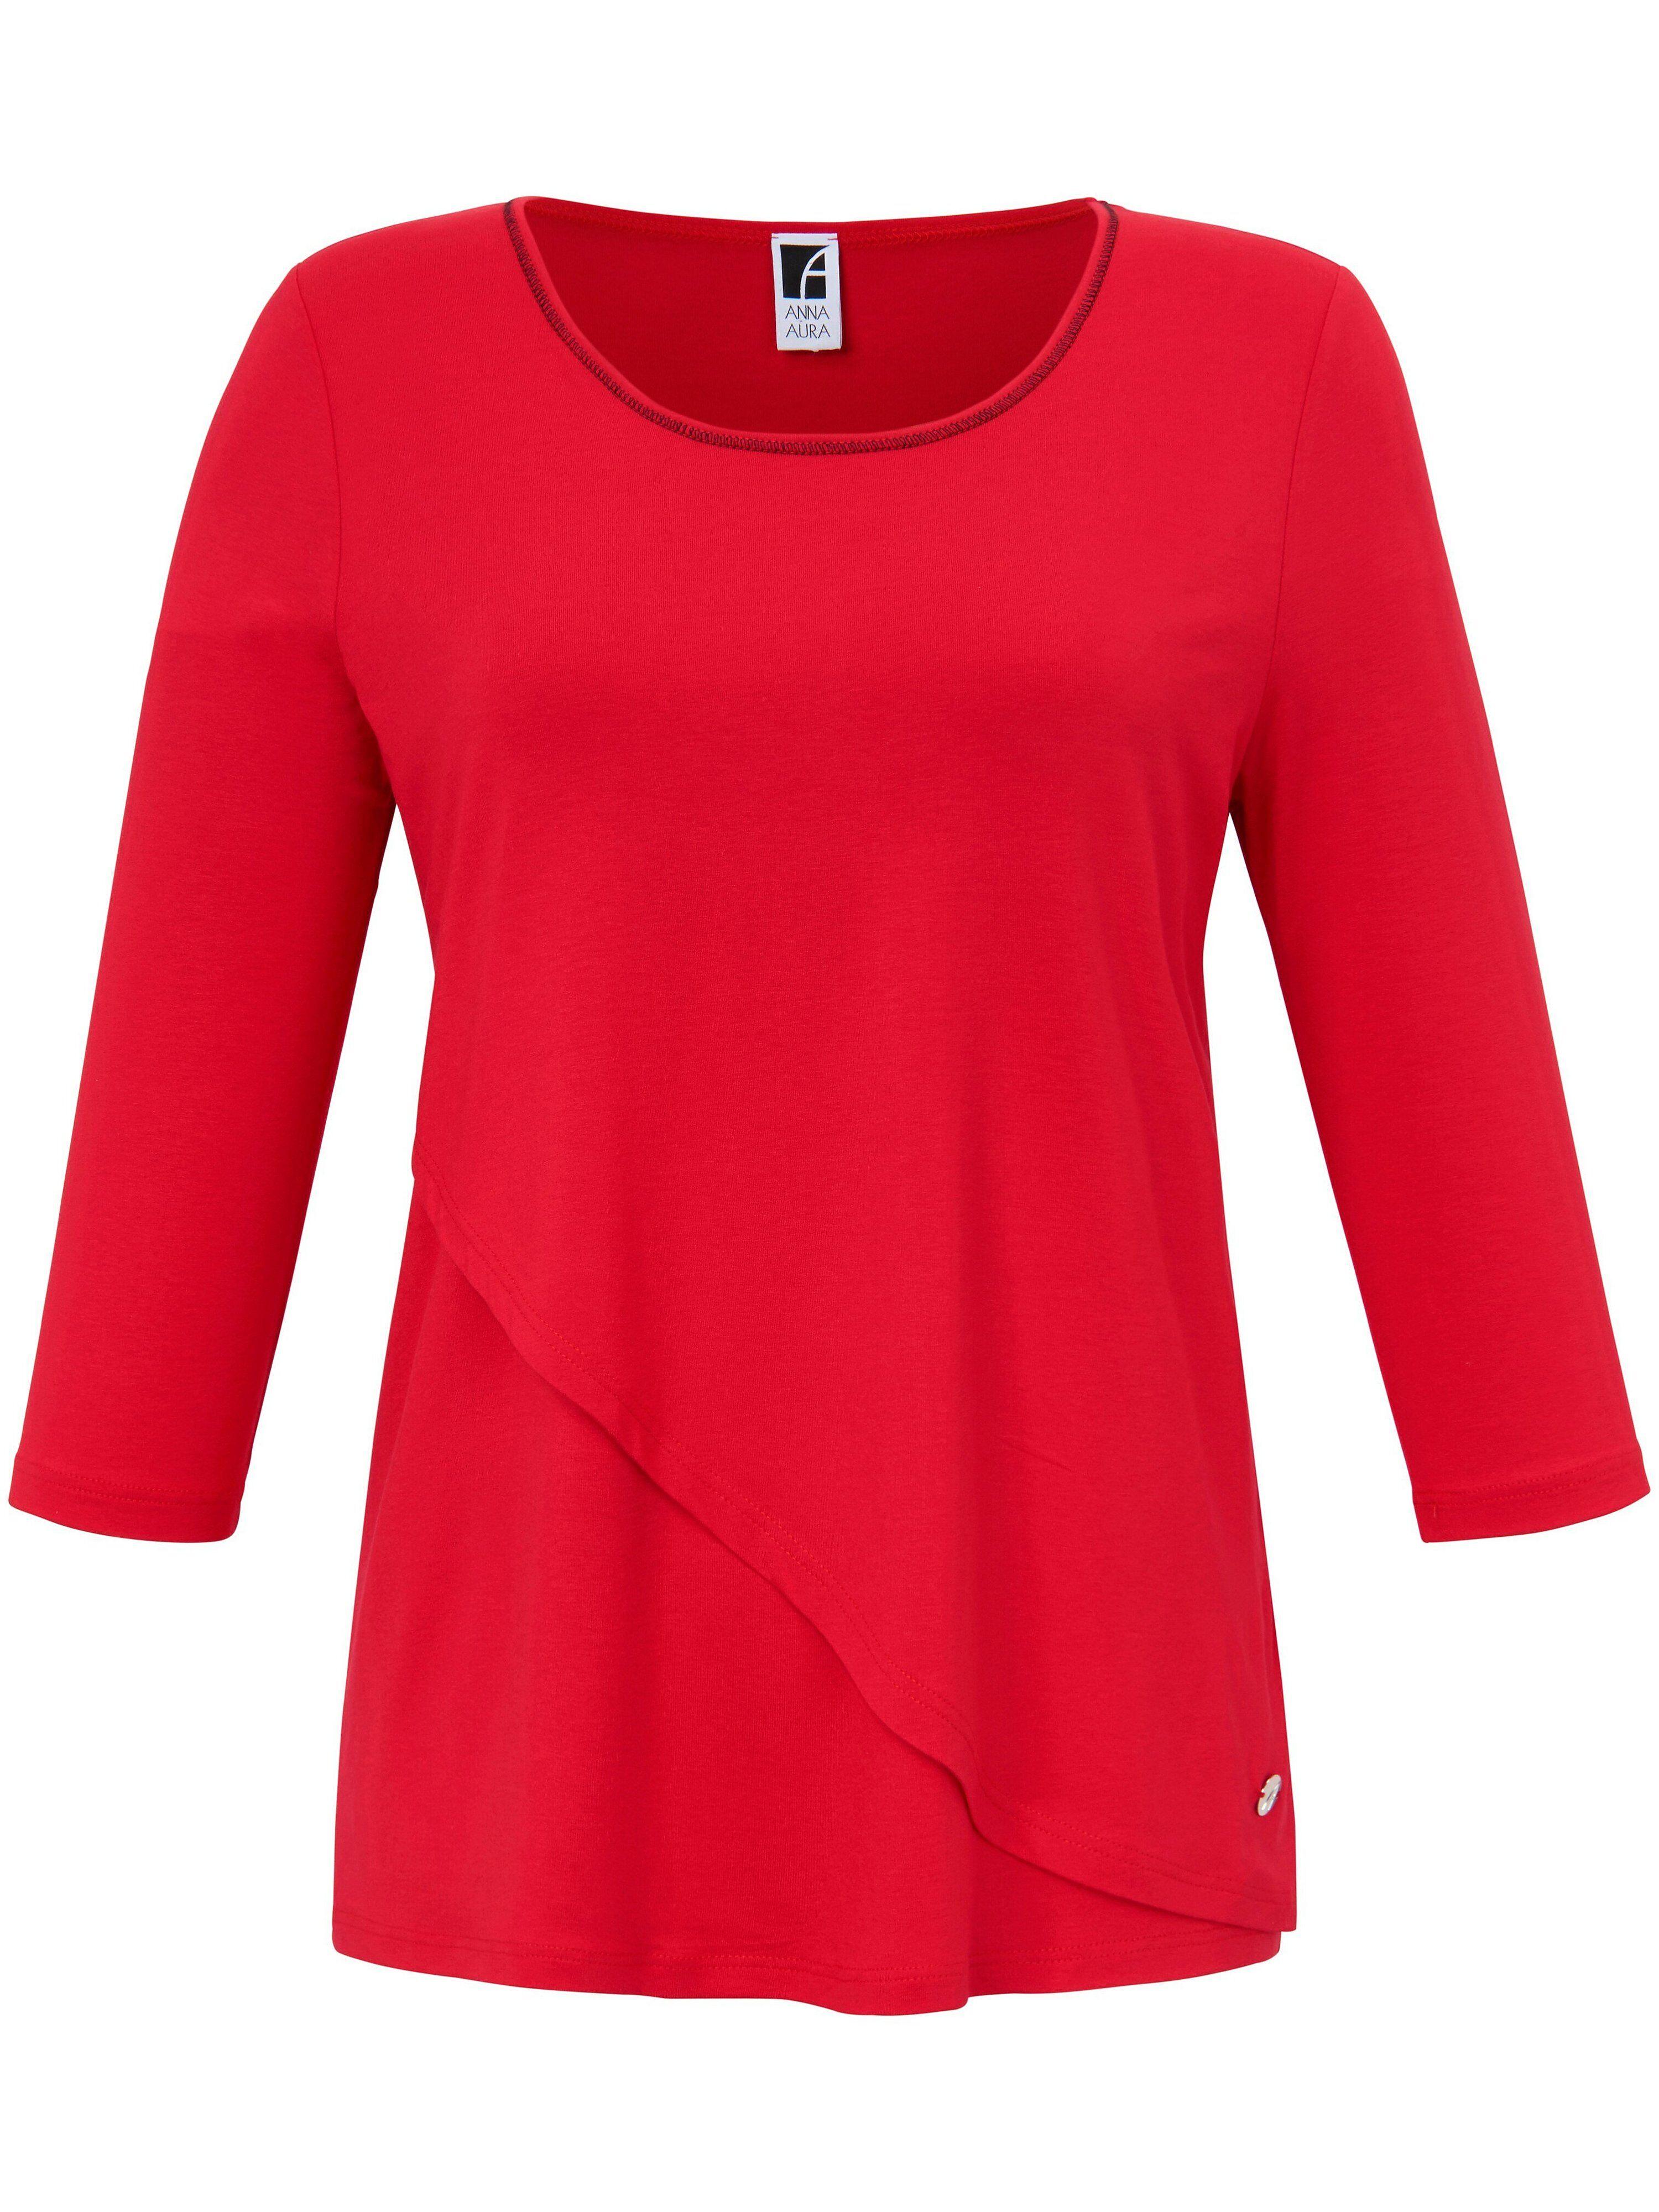 Anna Aura Le T-shirt manches 3/4  Anna Aura rouge  - Femme - 42